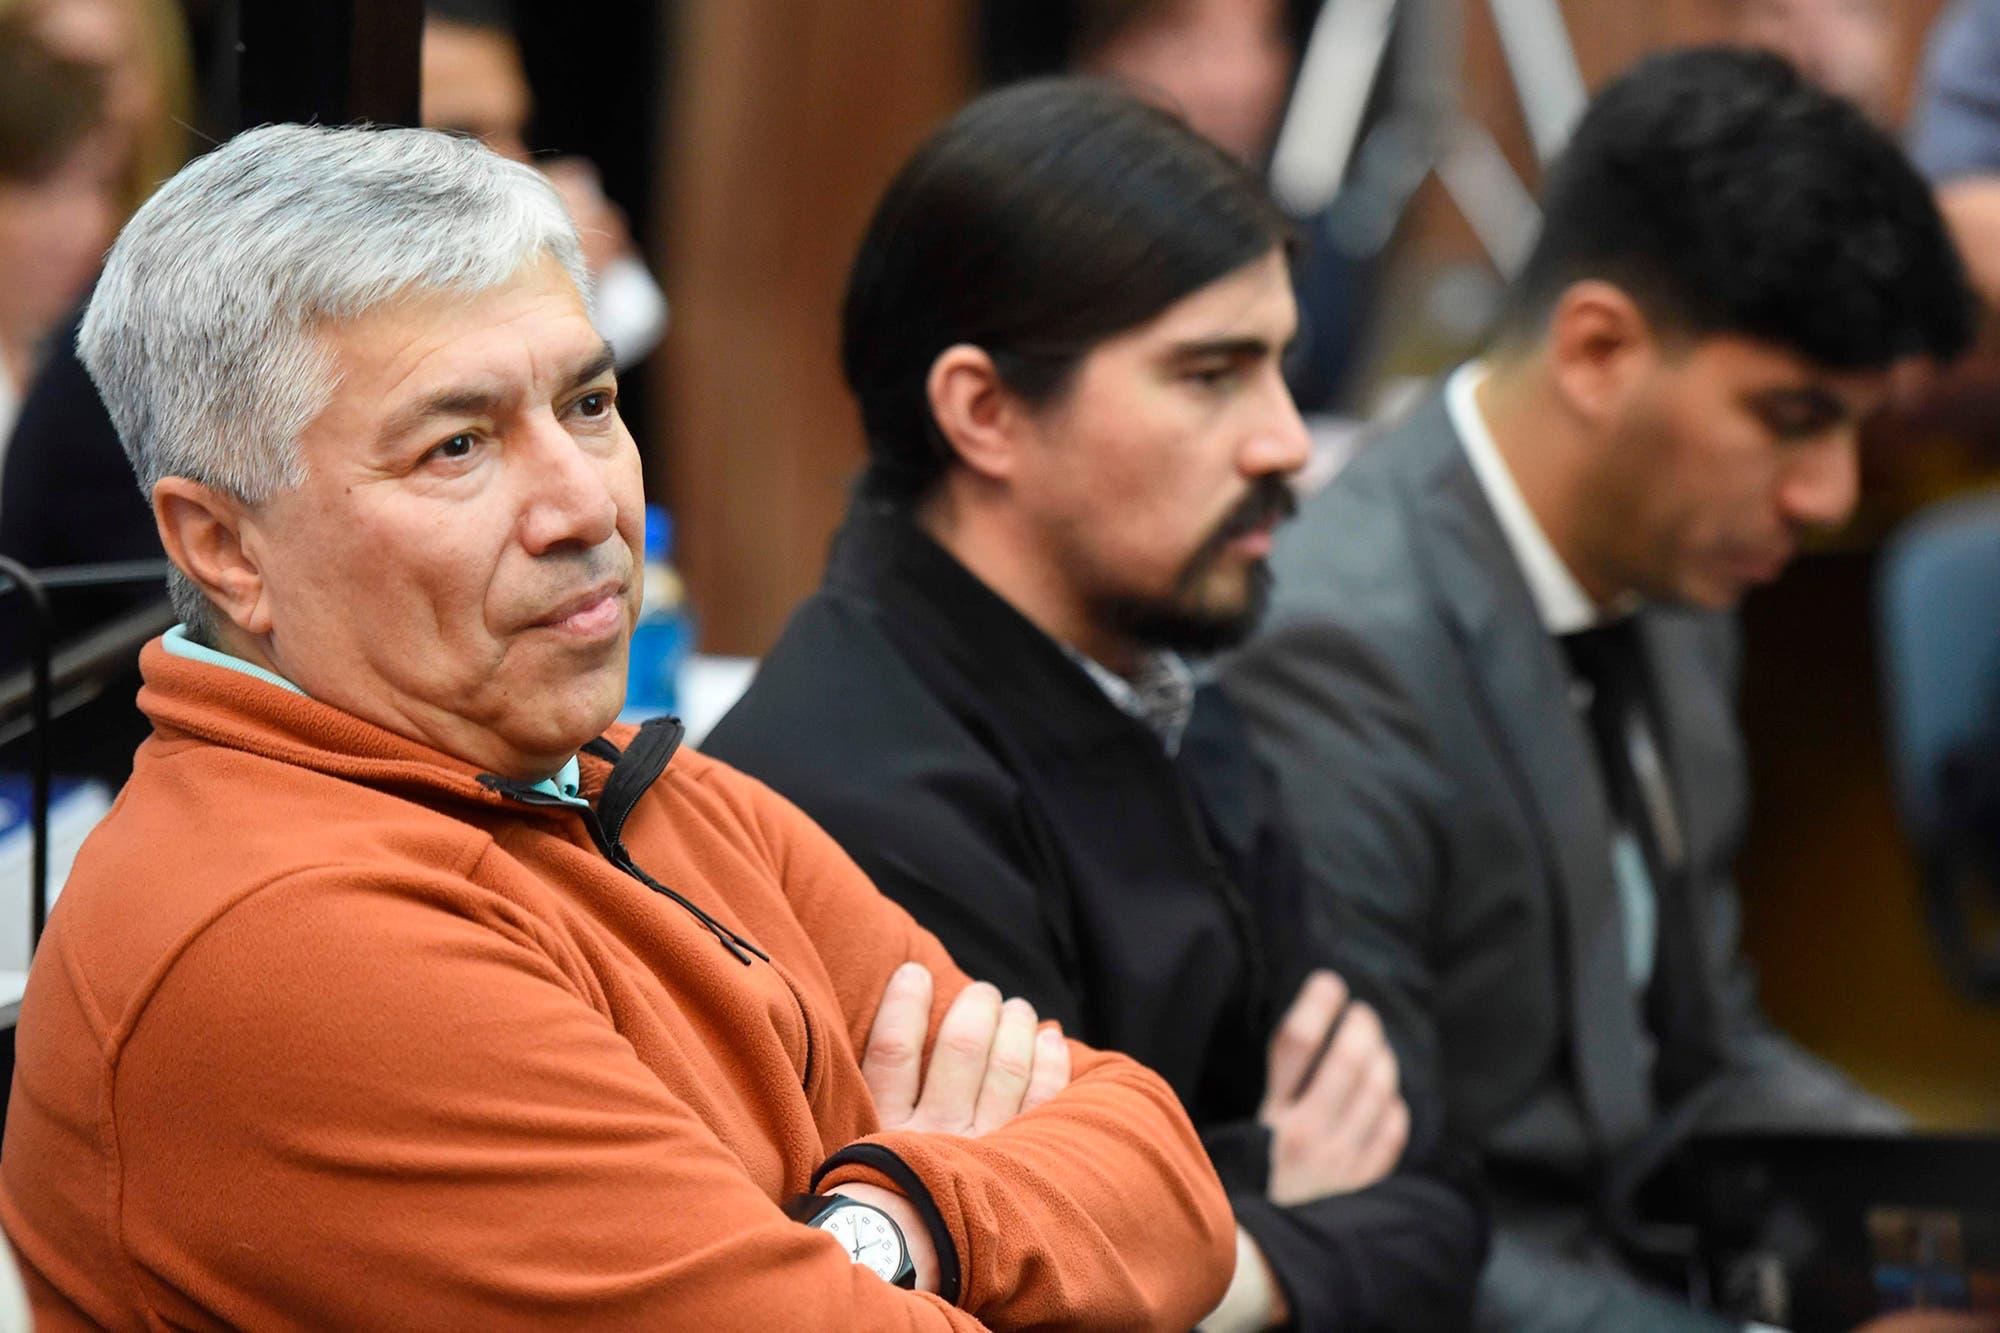 El tribunal que liberó a Boudou rechazó excarcelar a Báez